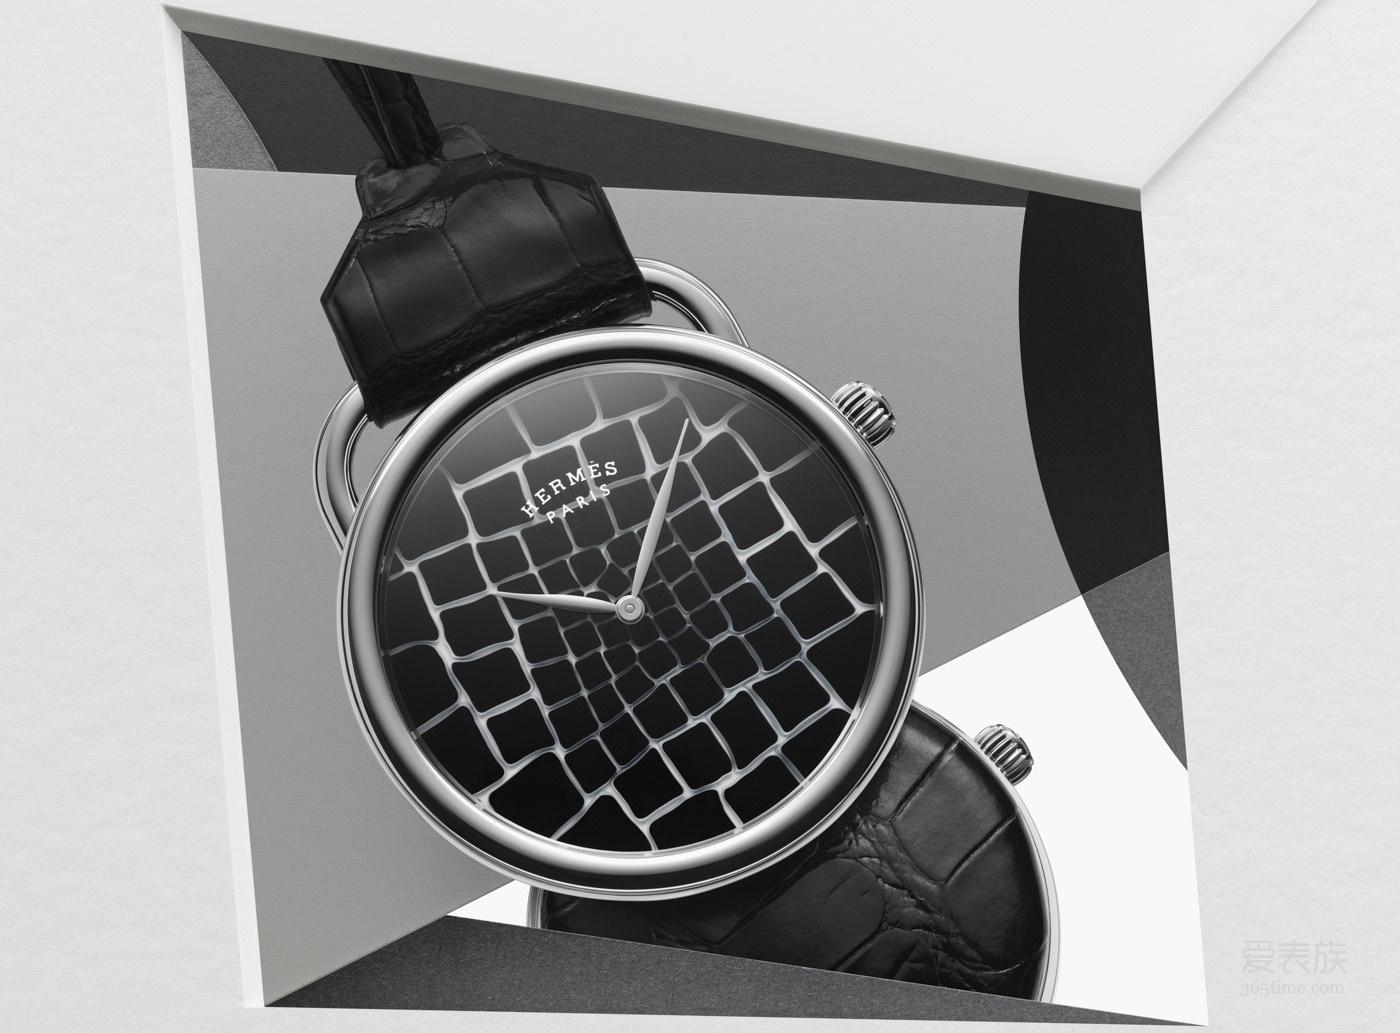 2018 年日内瓦国际高级钟表展 爱马仕推出令人目眩神迷的Arceau Pocket Millefori怀表